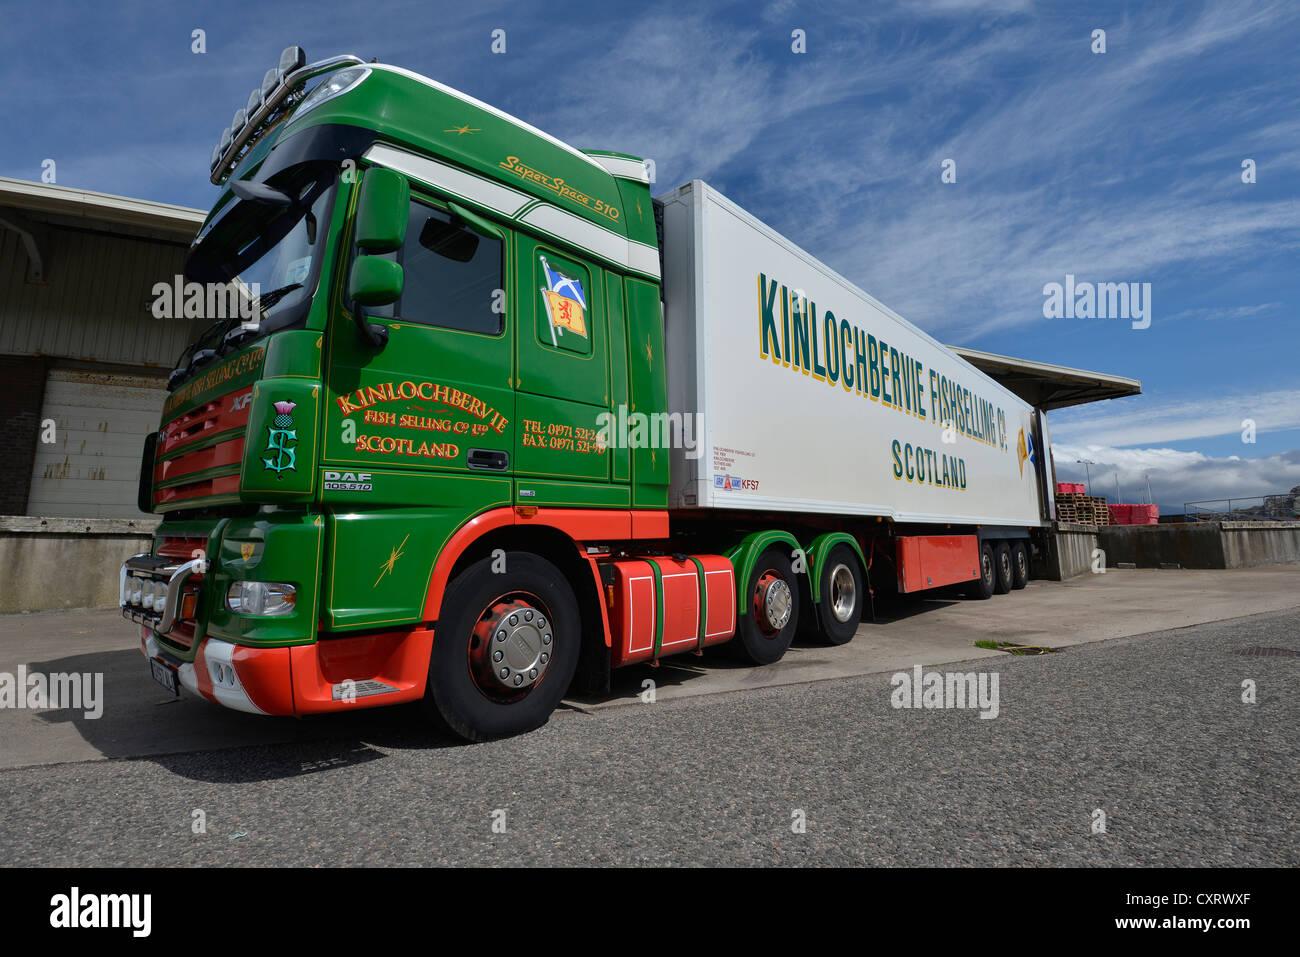 Camion refrigerati per il trasporto di pesce, Kinlochbervie, Scotland, Regno Unito, Europa Foto Stock